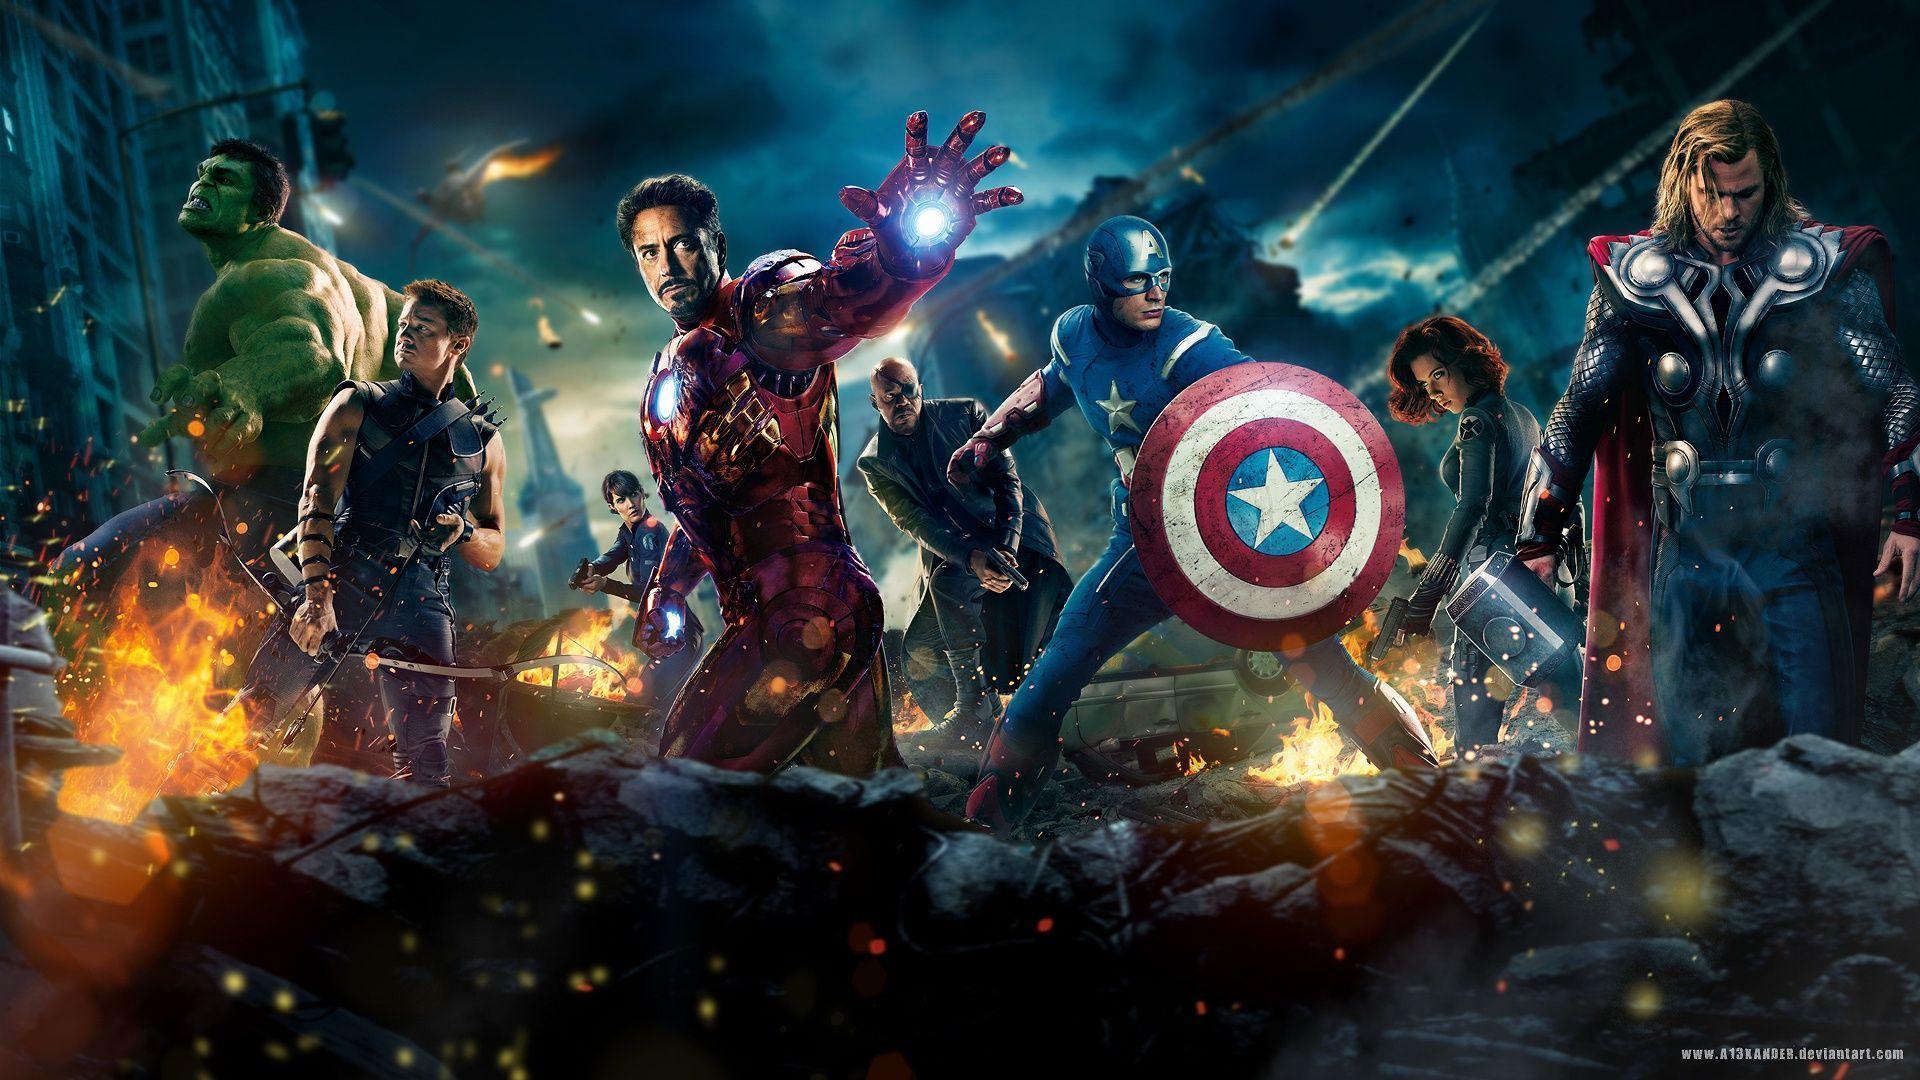 Wallpaper For Laptop Of Avengers